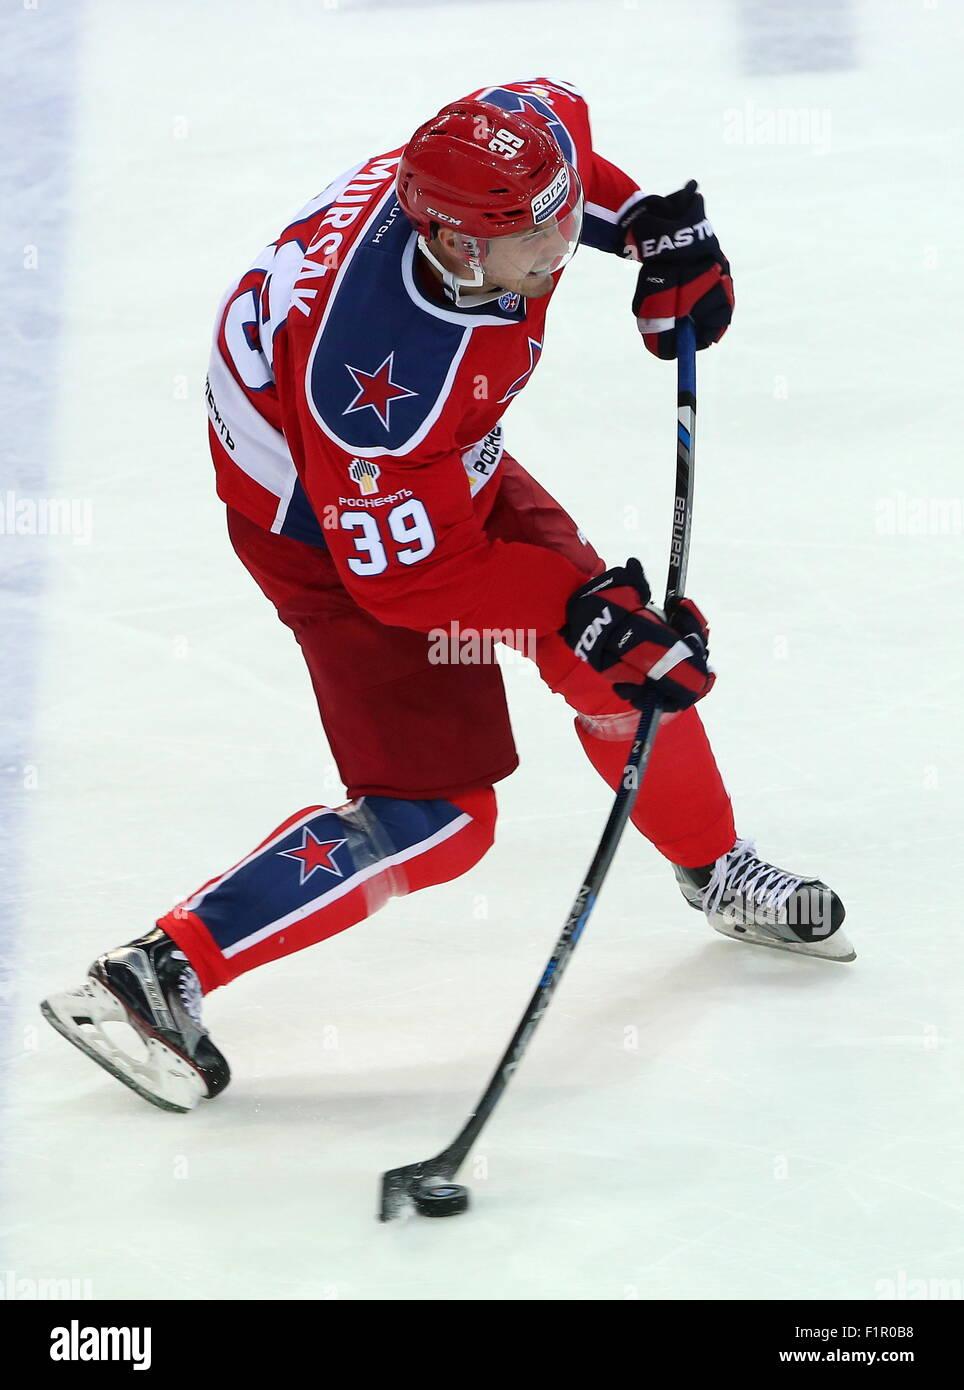 Mosca, Russia. 4 Sep, 2015. Il CSKA's Jan Mursak in azione in un 2015/2016 KHL Regular Season hockey su ghiaccio Immagini Stock